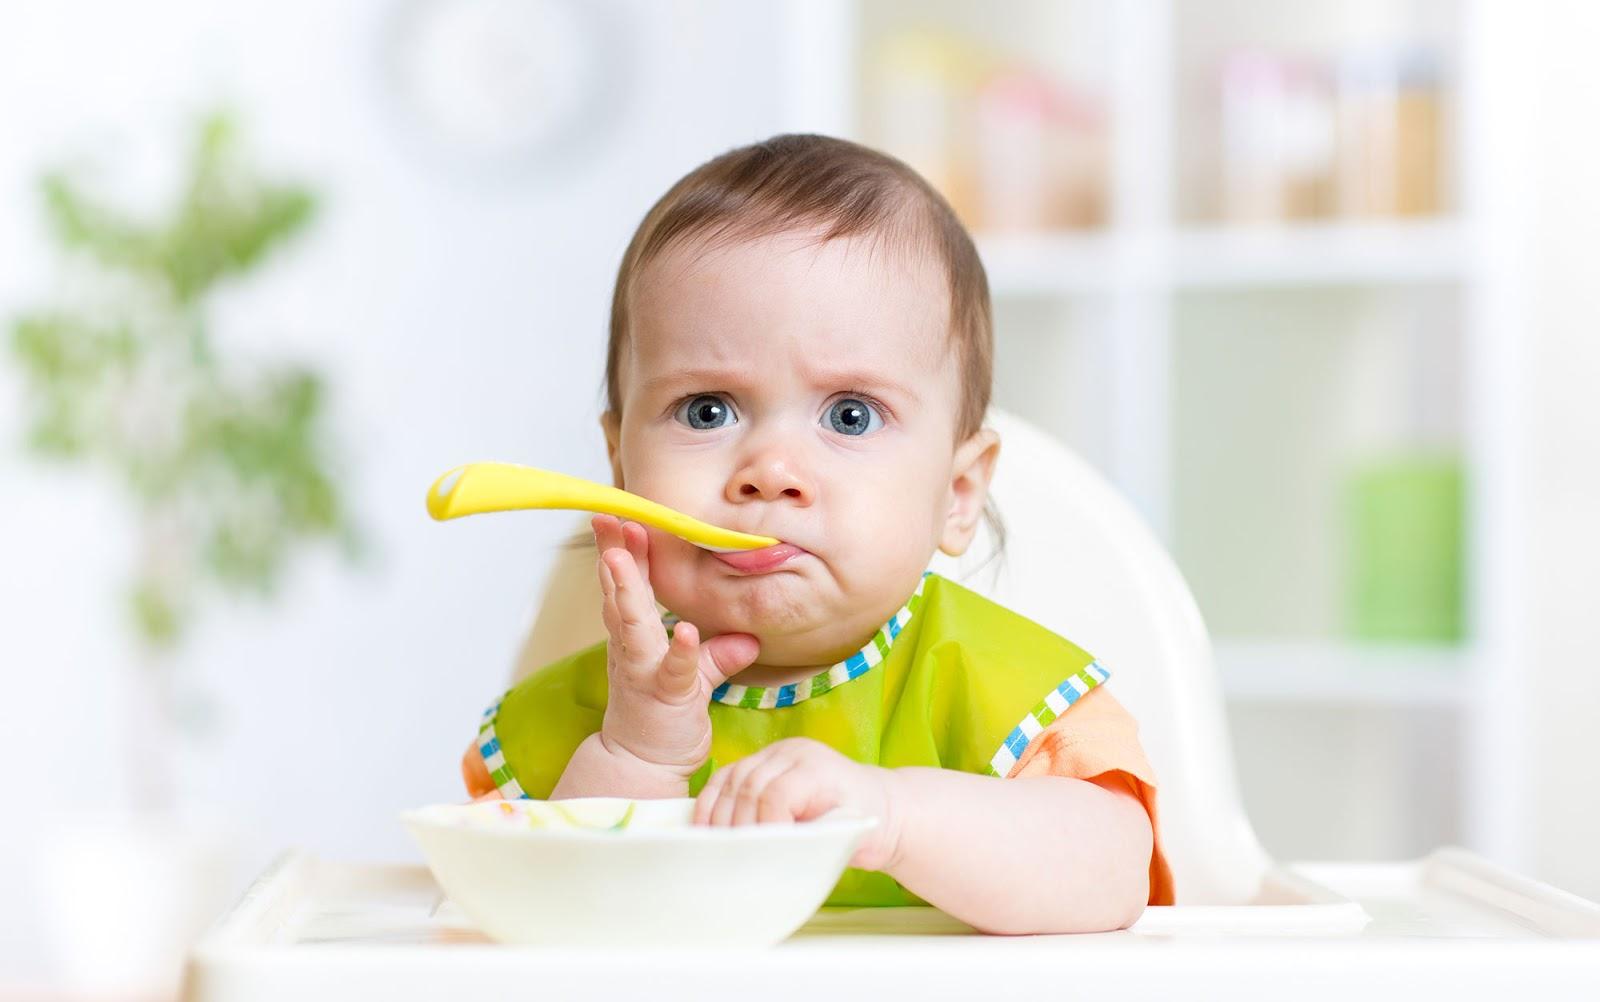 Biếng ăn sinh lý xảy ra trong các giai đoạn trẻ phát triển